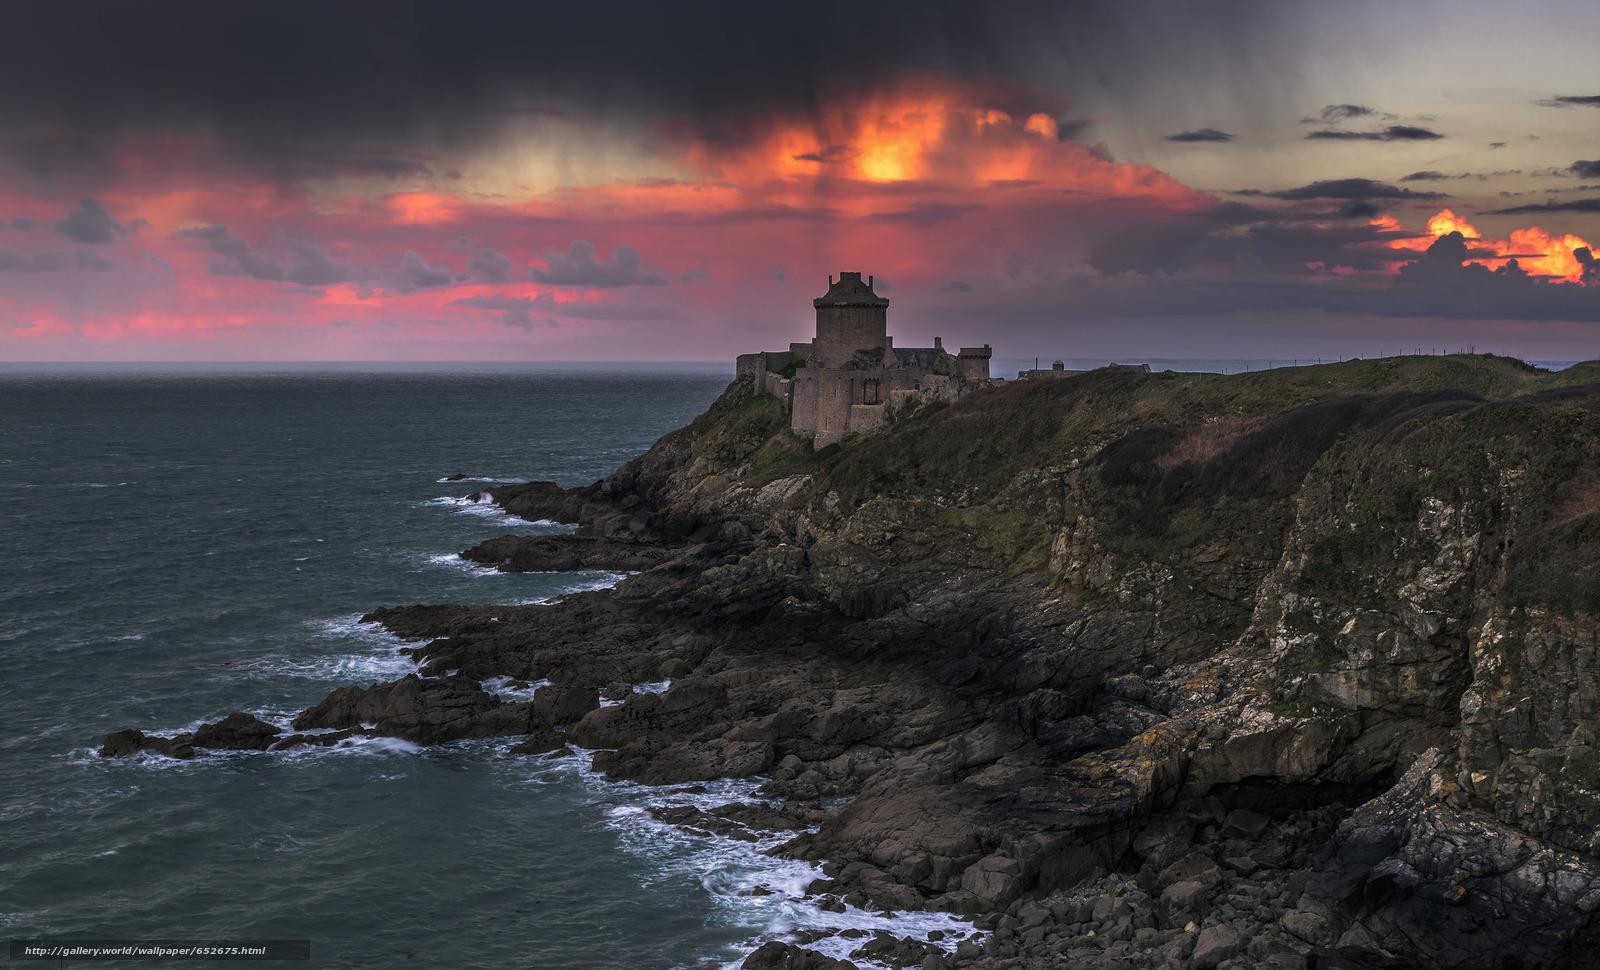 Скачать обои море,  замок,  закат,  берег бесплатно для рабочего стола в разрешении 2048x1242 — картинка №652675